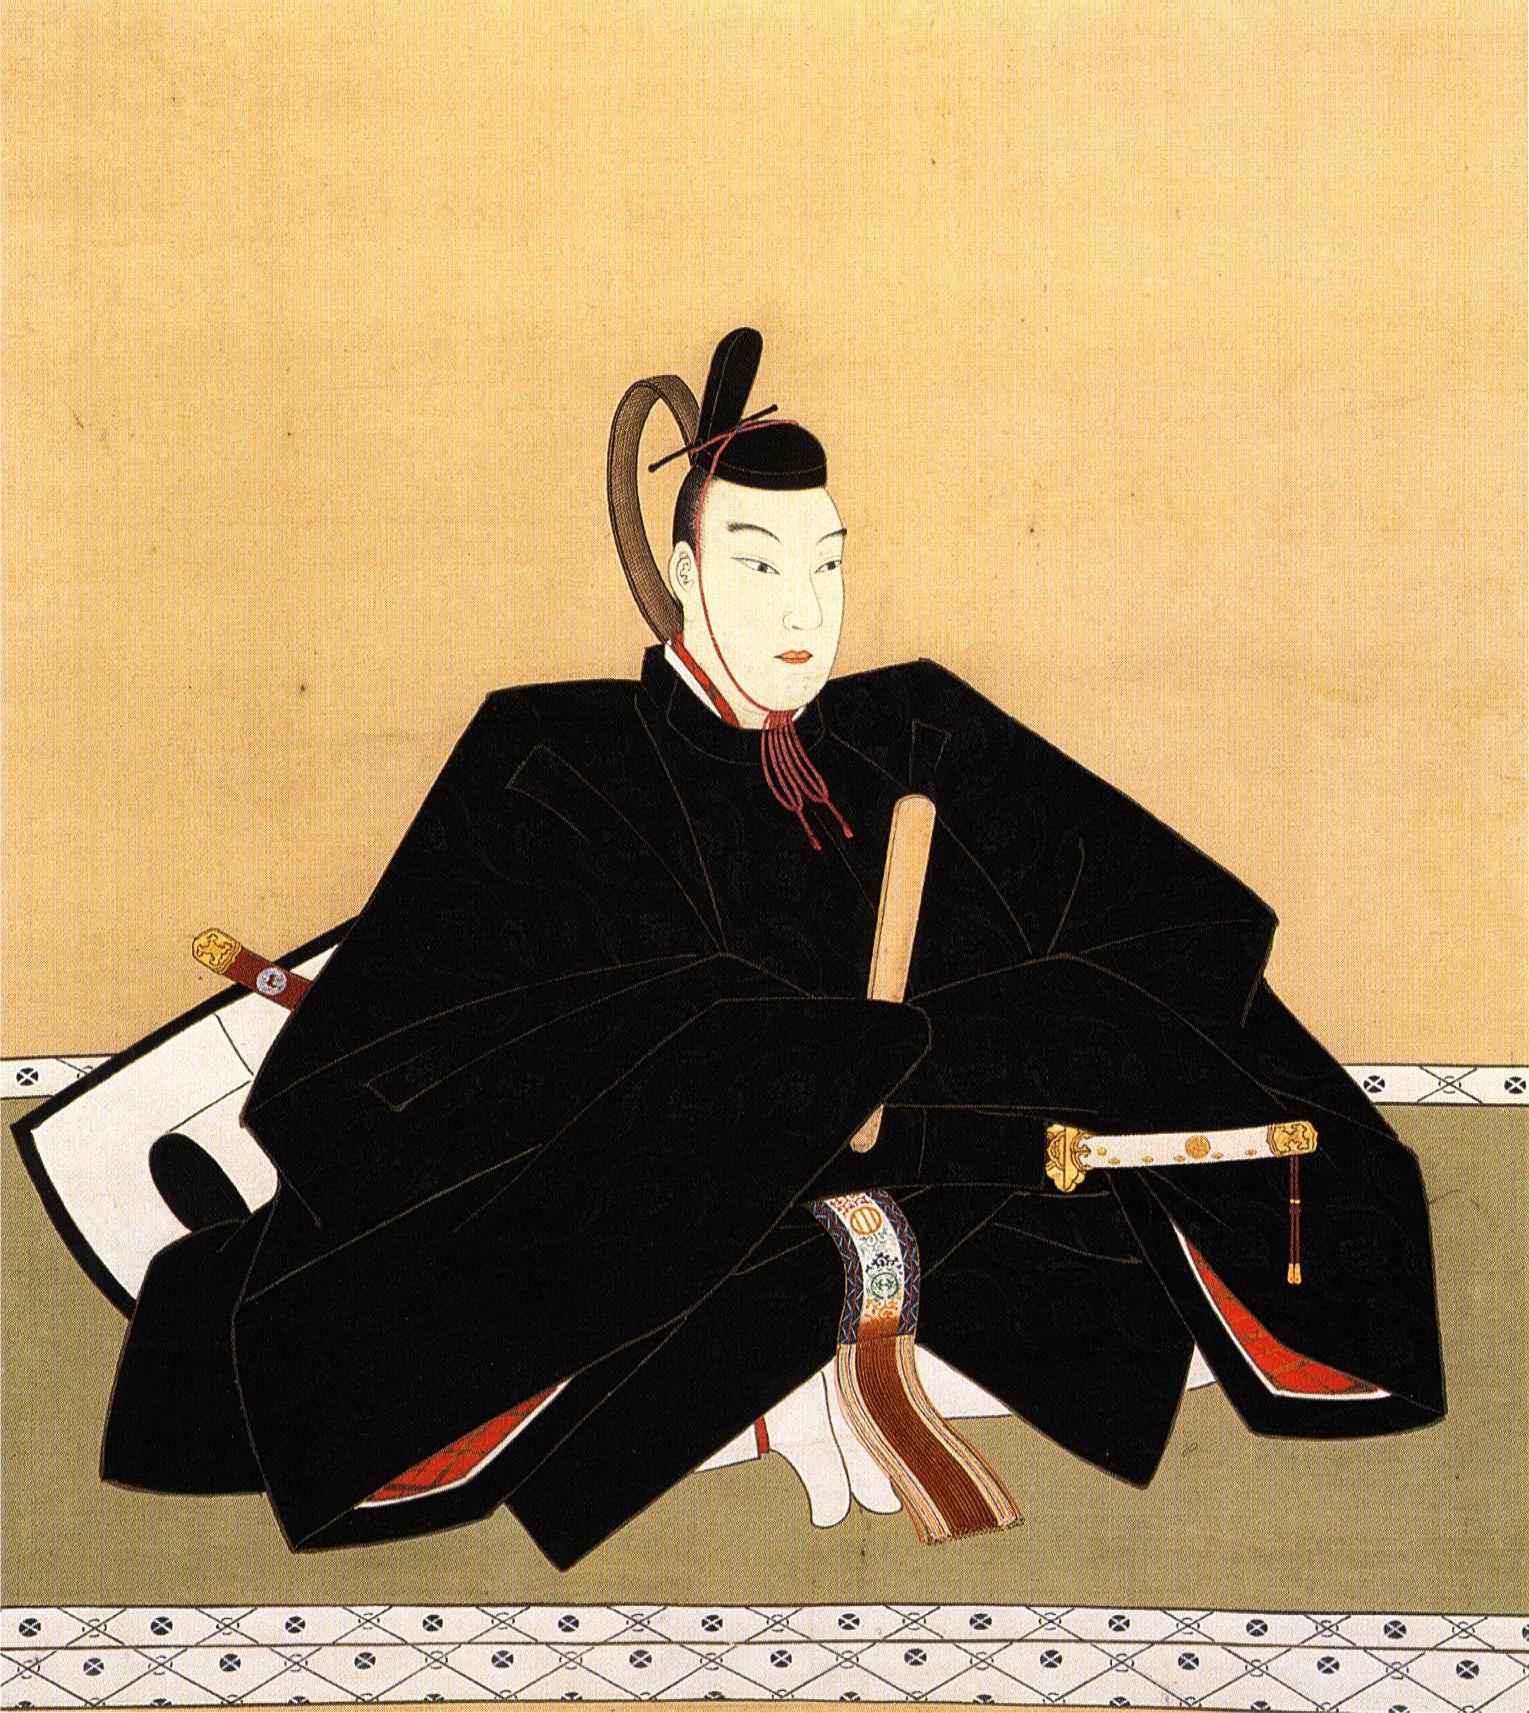 ระบบศักดินาในสังคมญี่ปุ่นโบราณ